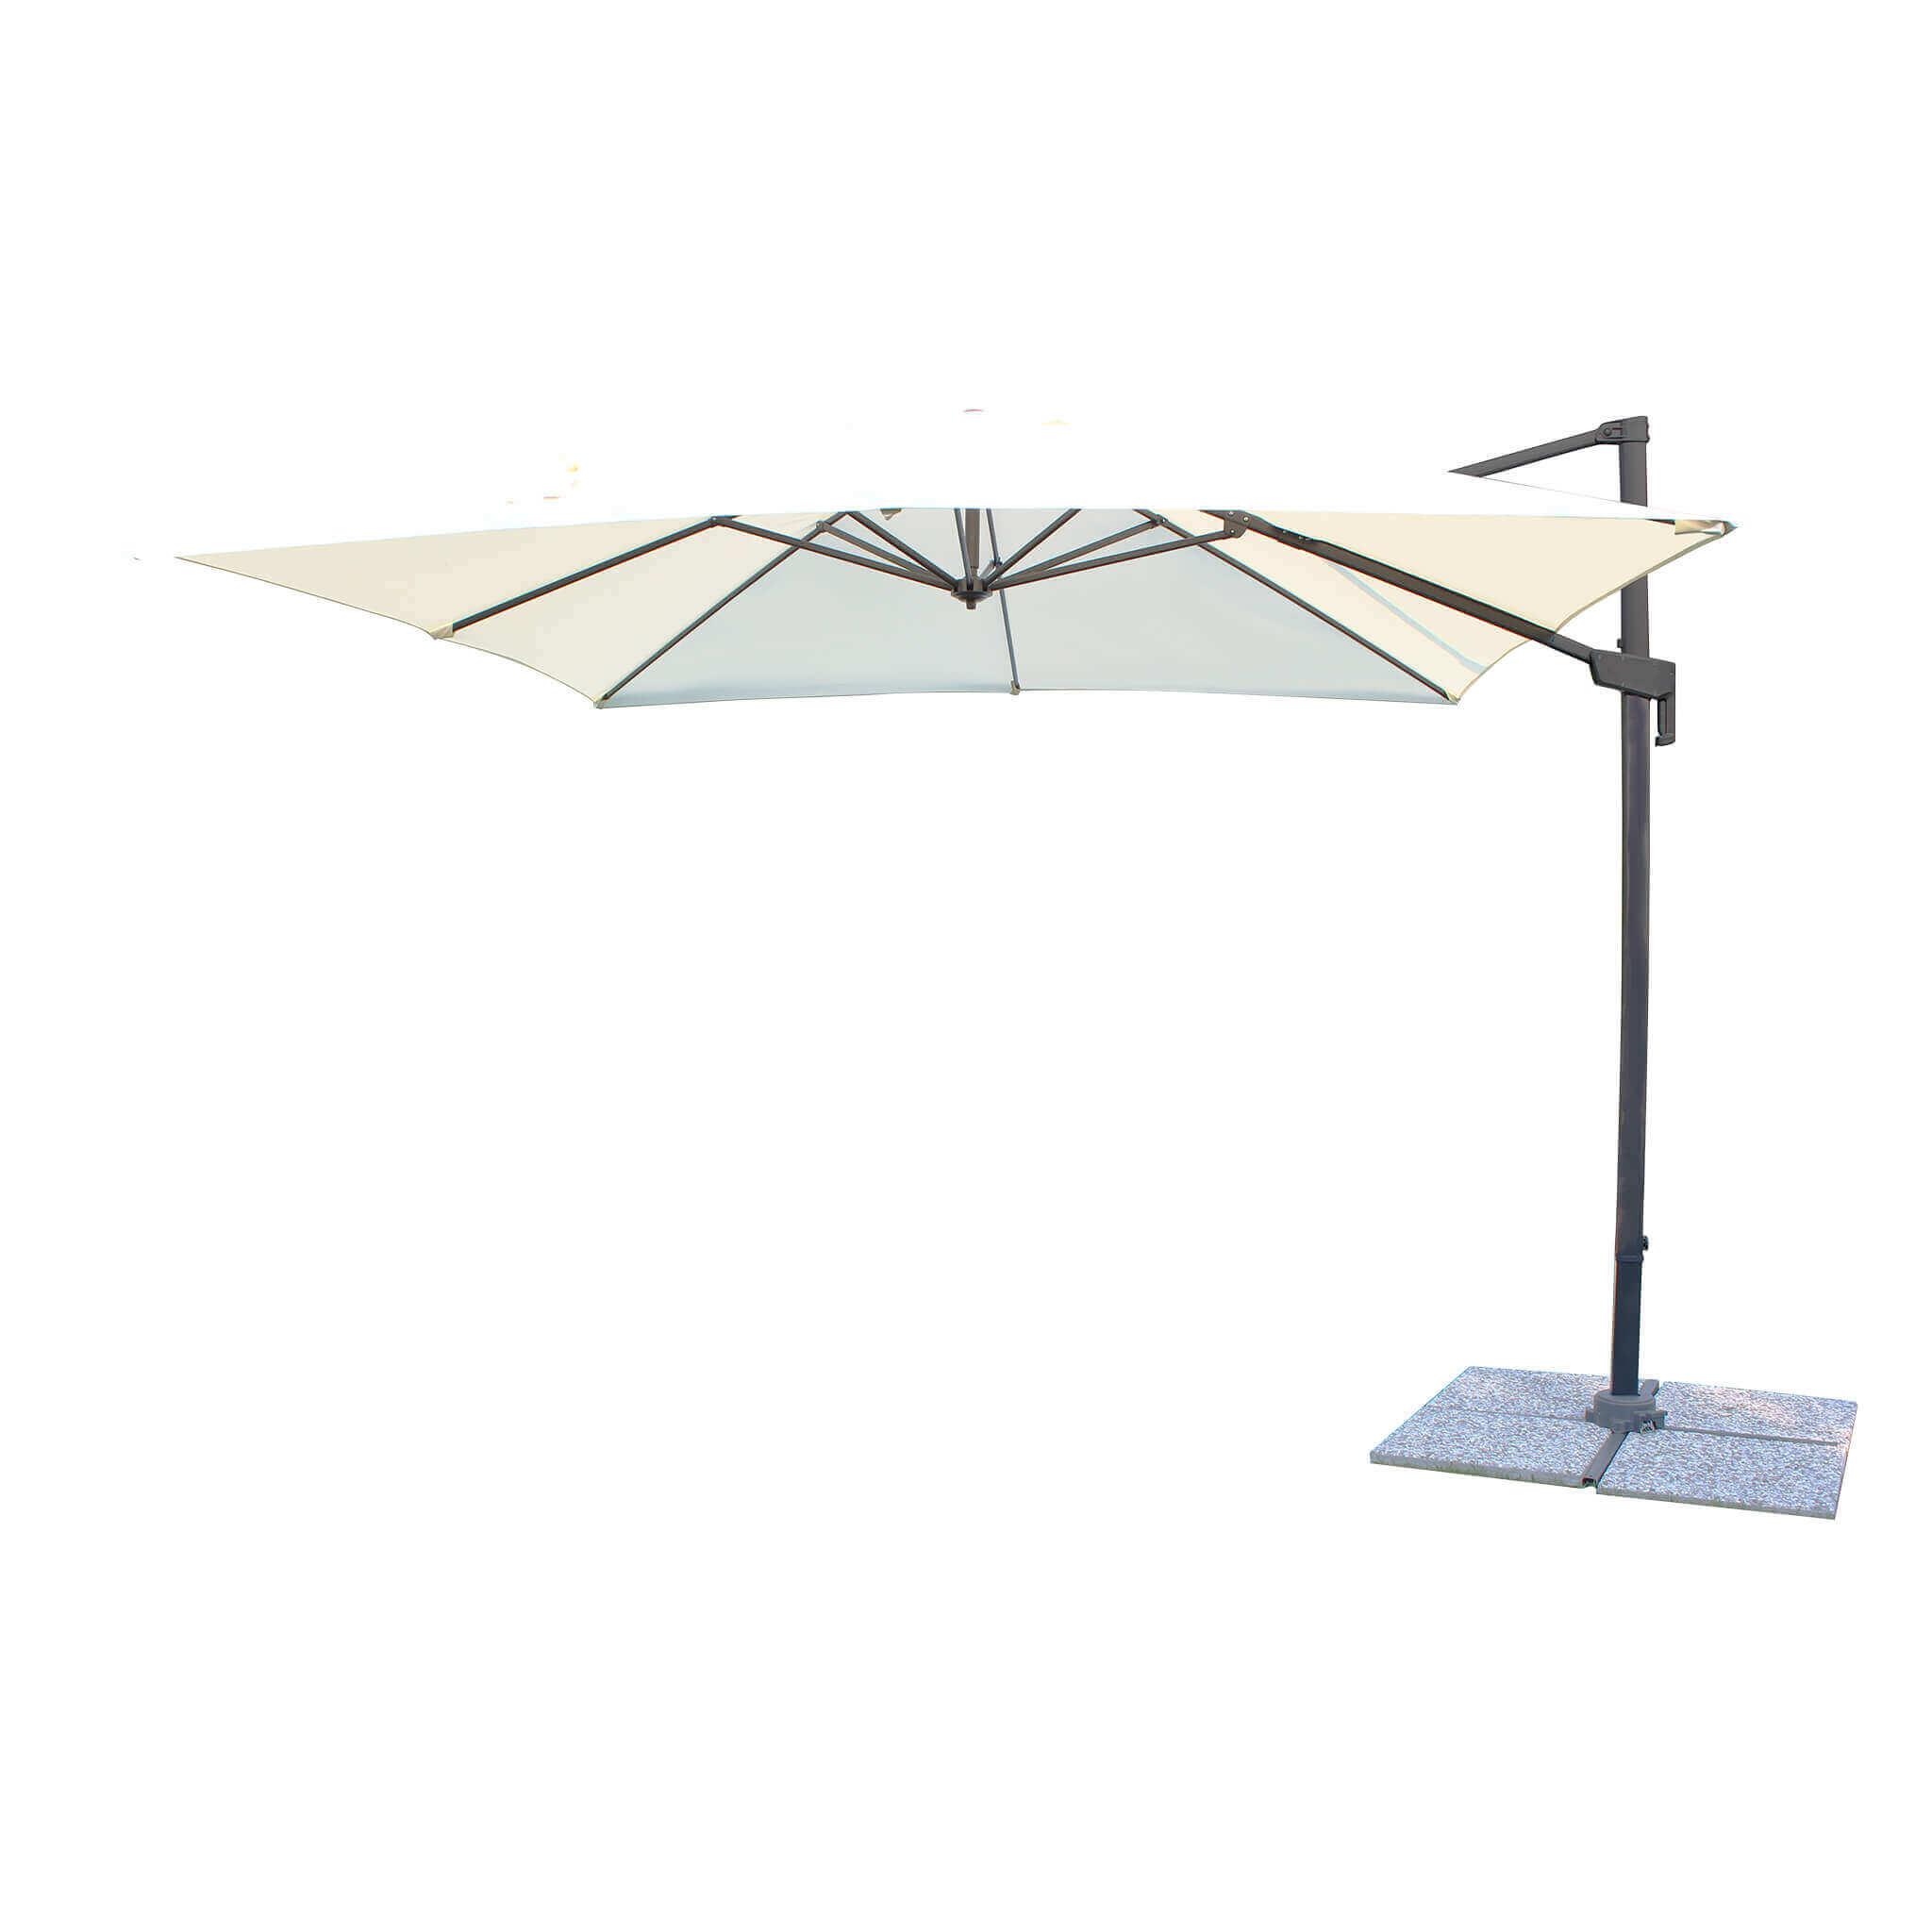 milani home volta - ombrellone da giardino decentrato 2x3